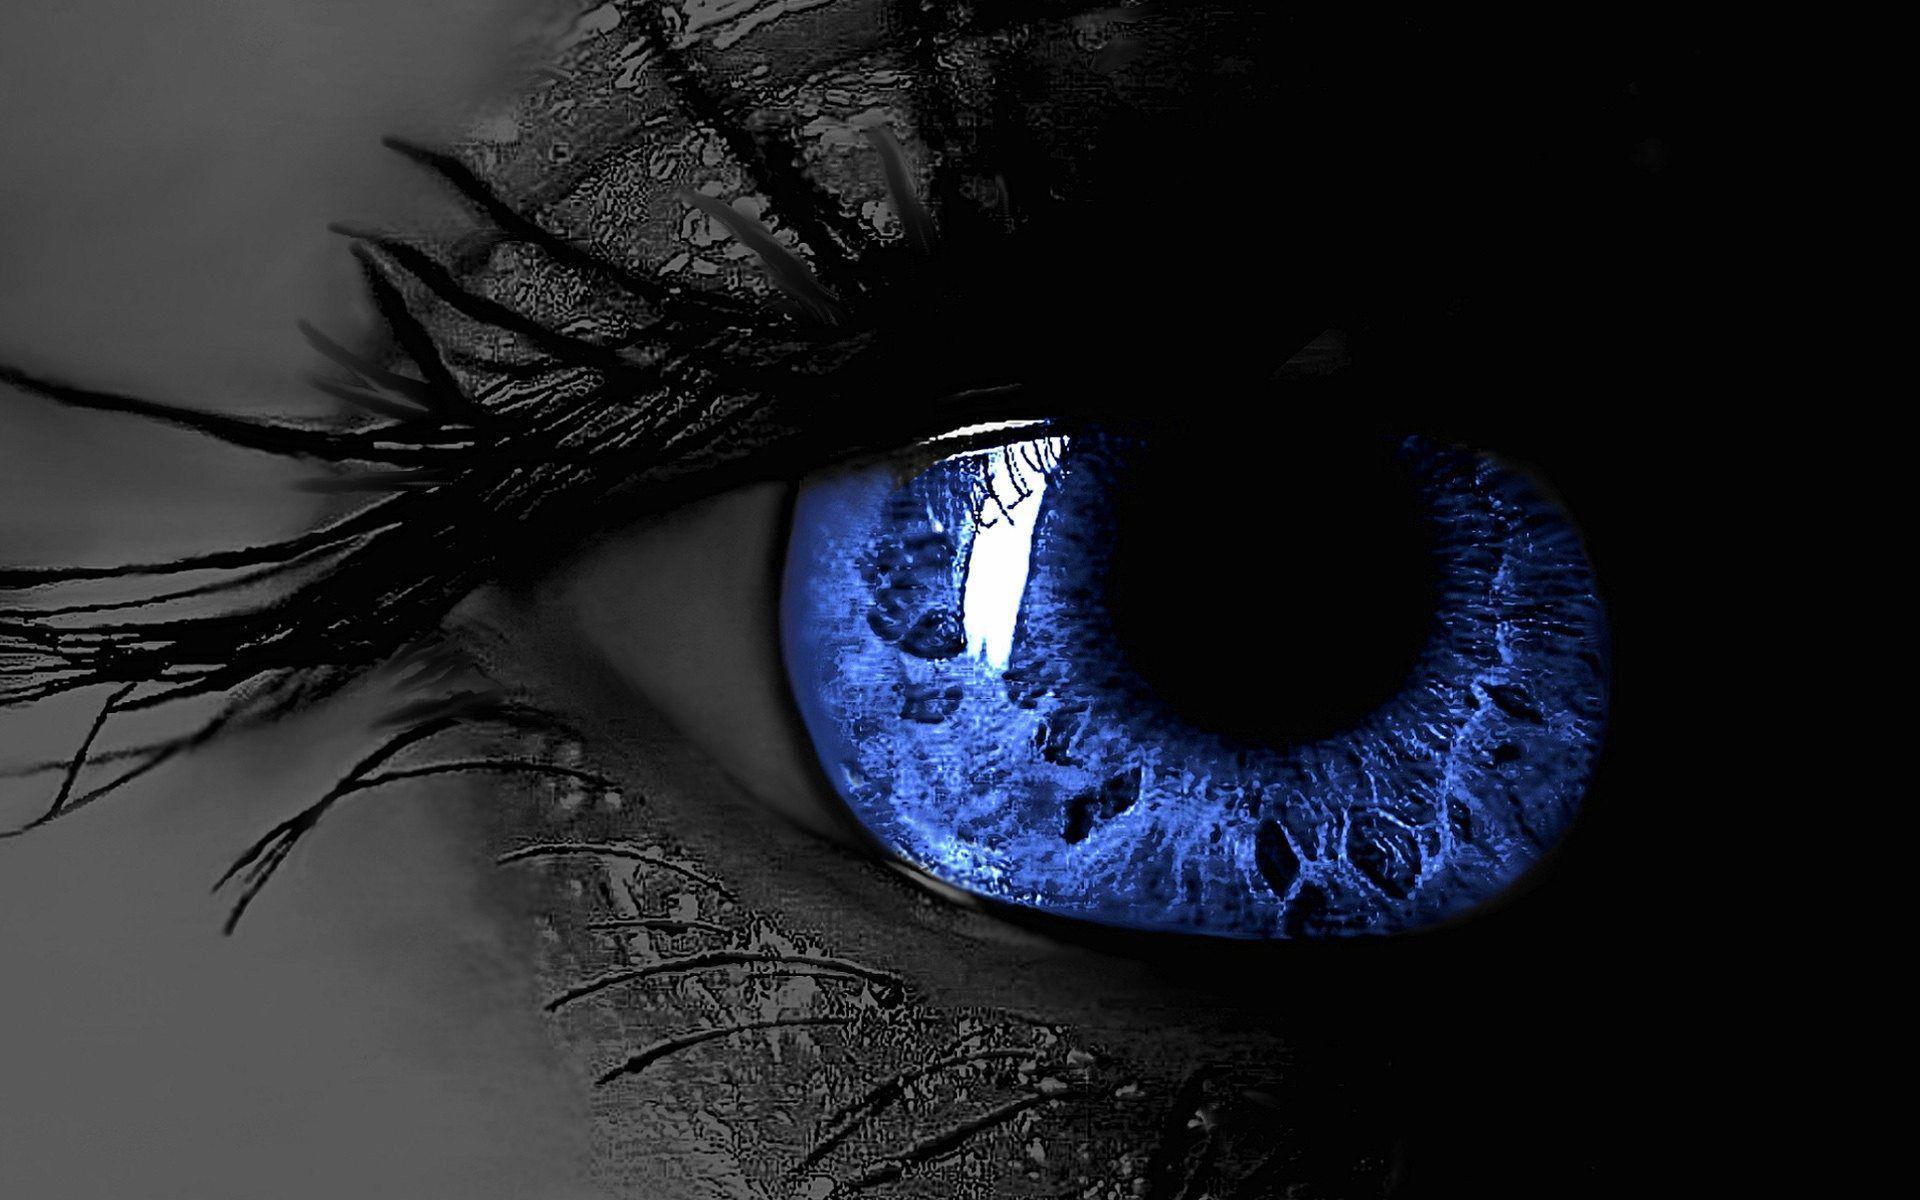 عکس زمینه چشم آبی سه بعدی ترسناک پس زمینه